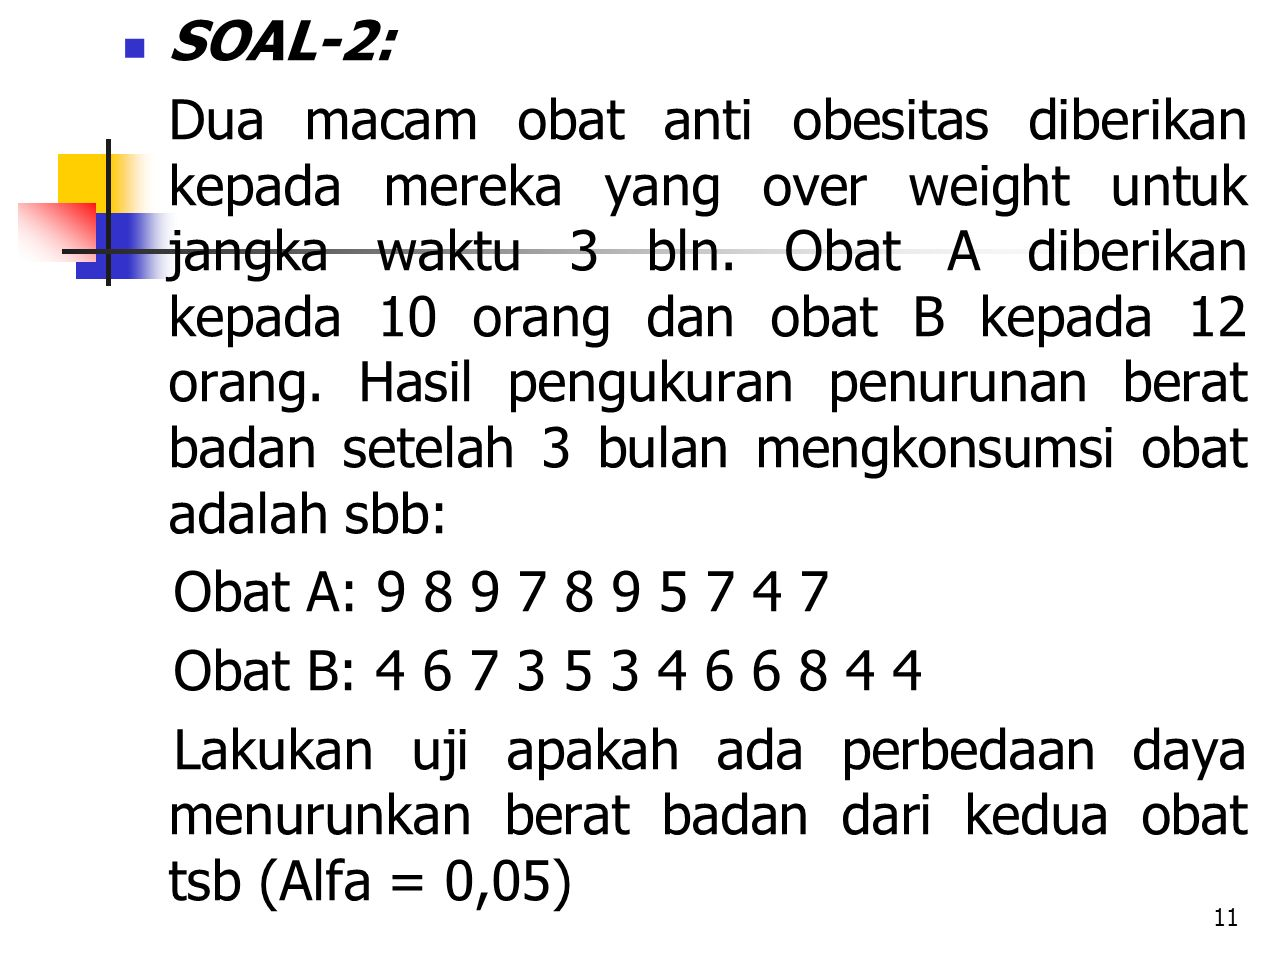 SOAL-2: Dua macam obat anti obesitas diberikan kepada mereka yang over weight untuk jangka waktu 3 bln.